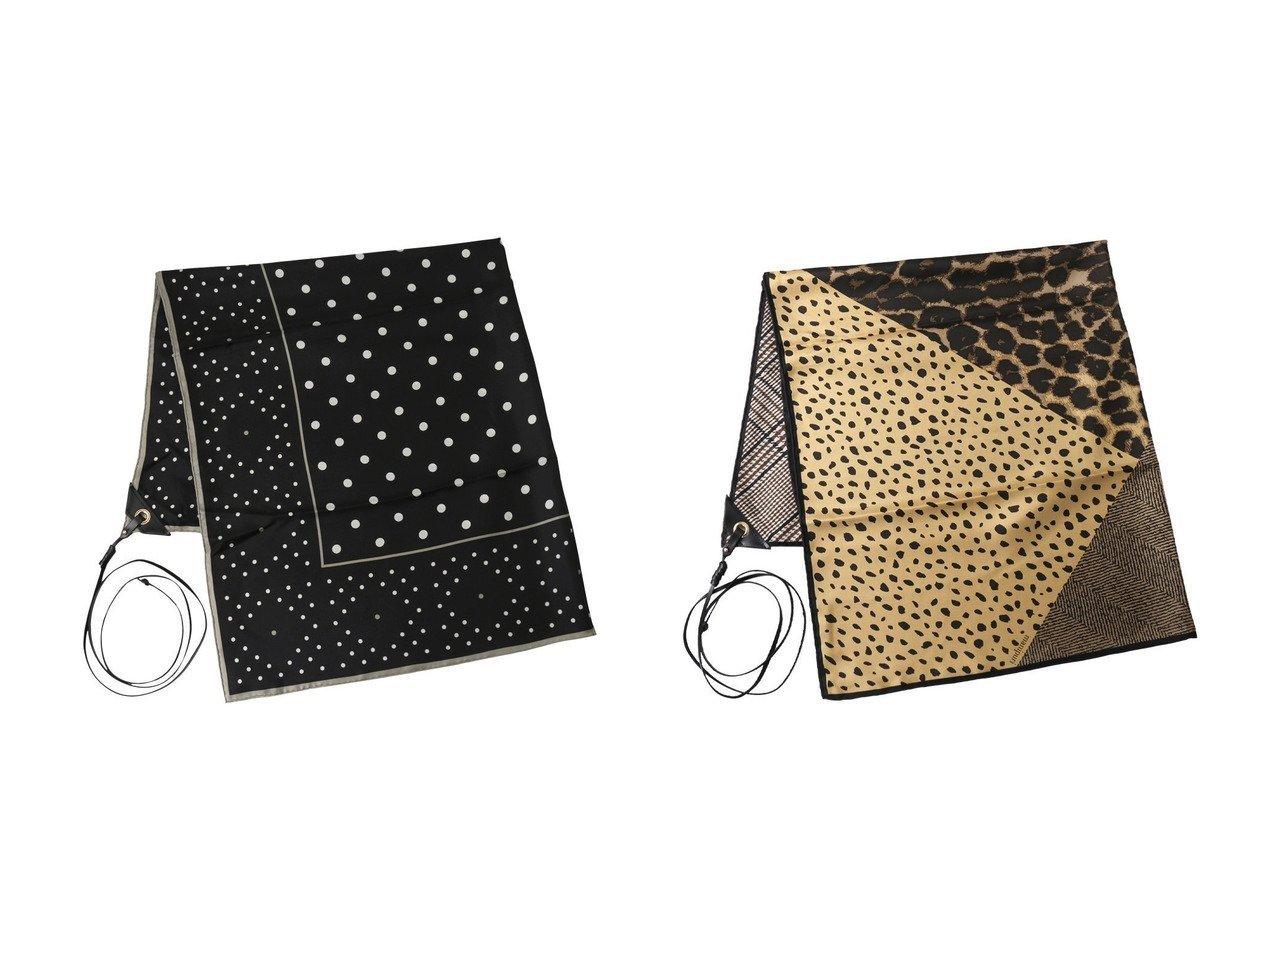 【STUNNING LURE/スタニングルアー】のmanipuri スカーフ&manpuri スカーフ おすすめ!人気、トレンド・レディースファッションの通販 おすすめで人気の流行・トレンド、ファッションの通販商品 インテリア・家具・メンズファッション・キッズファッション・レディースファッション・服の通販 founy(ファニー) https://founy.com/ ファッション Fashion レディースファッション WOMEN ストール Scarves マフラー Mufflers なめらか シルク スカーフ ストール プリント マフラー ラップ リボン |ID:crp329100000074710